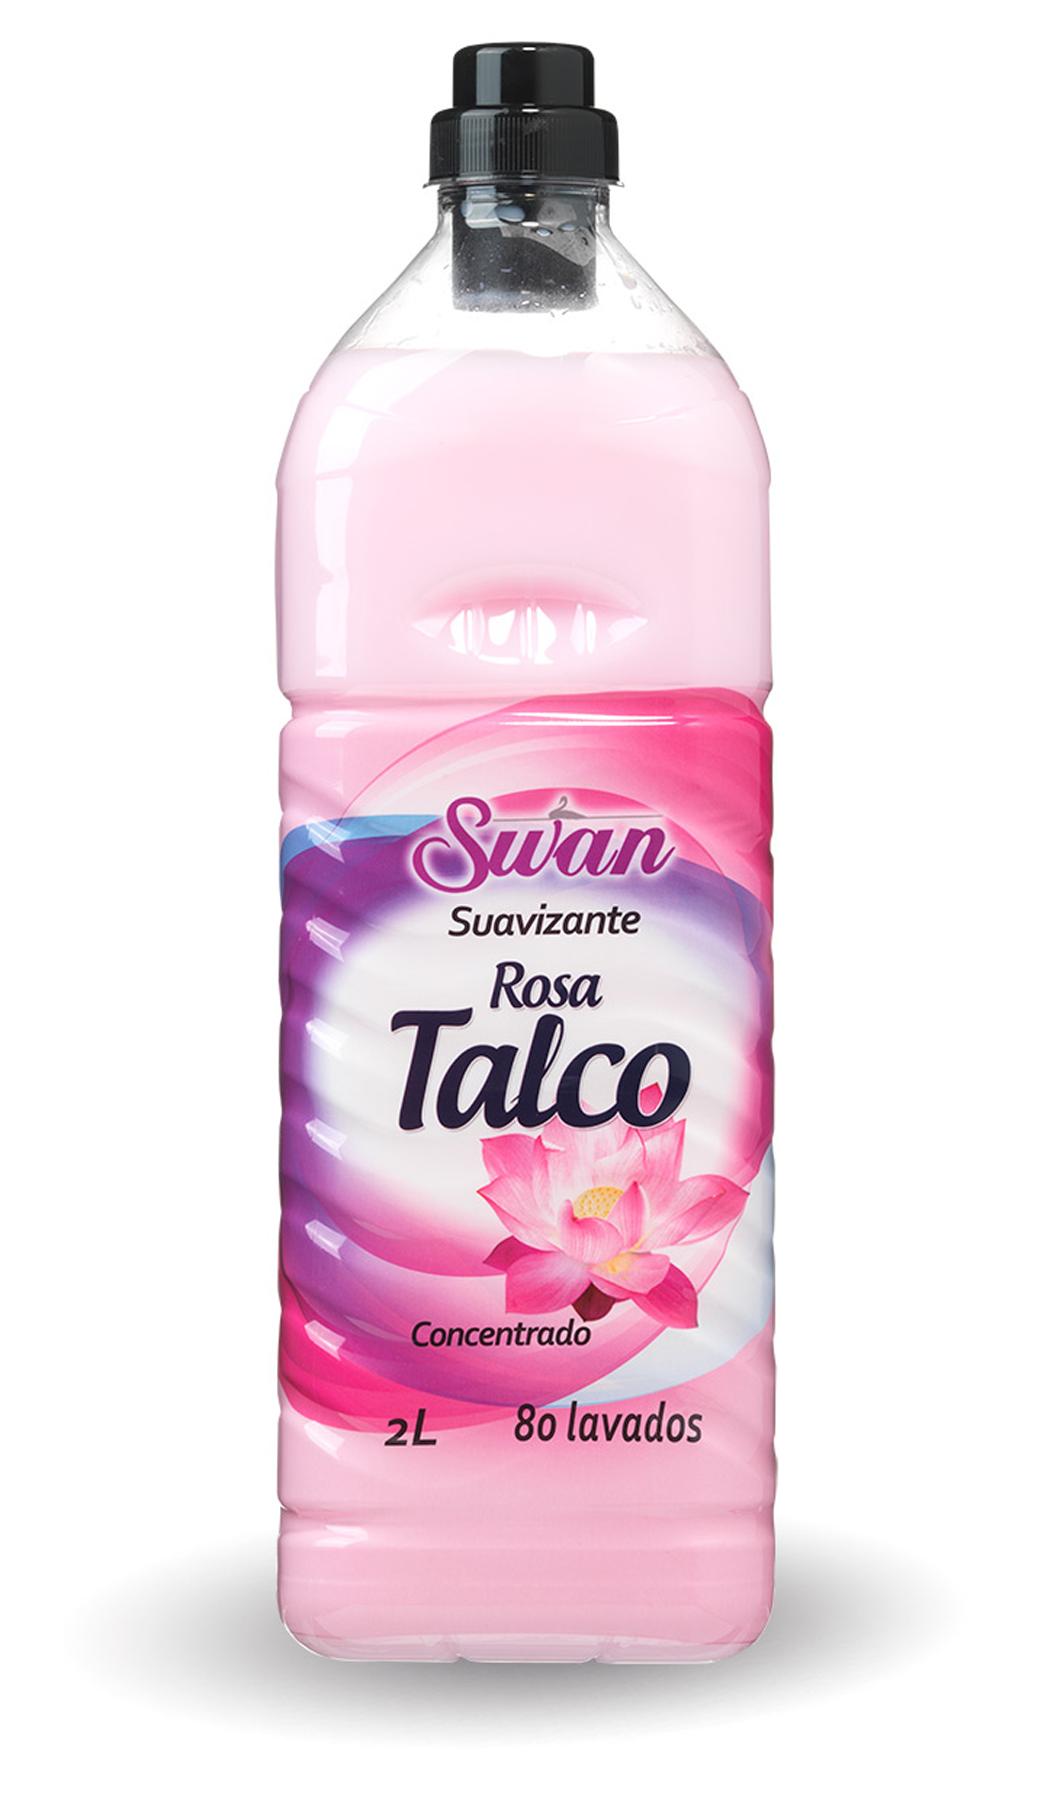 SUAVIZANTE SWAN CONCENTRADO TALCO 80 LAVADOS 2L